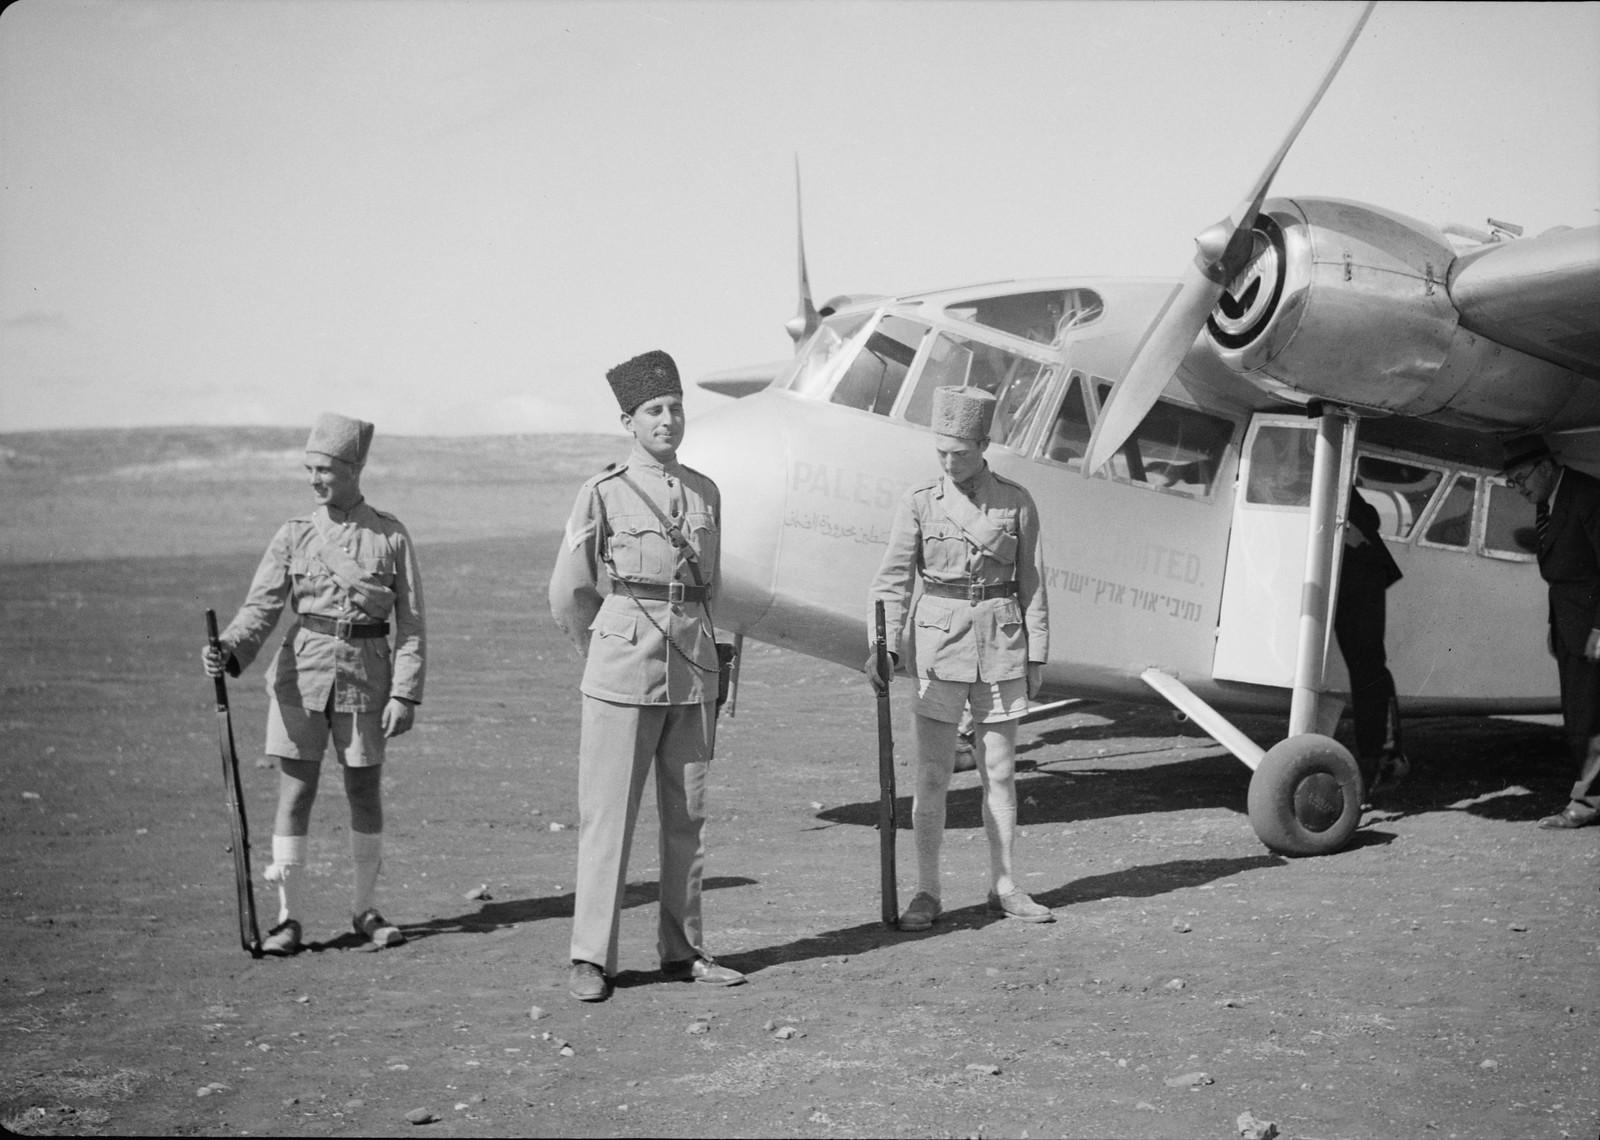 16. Еврейские охранники дежурят перед самолетом